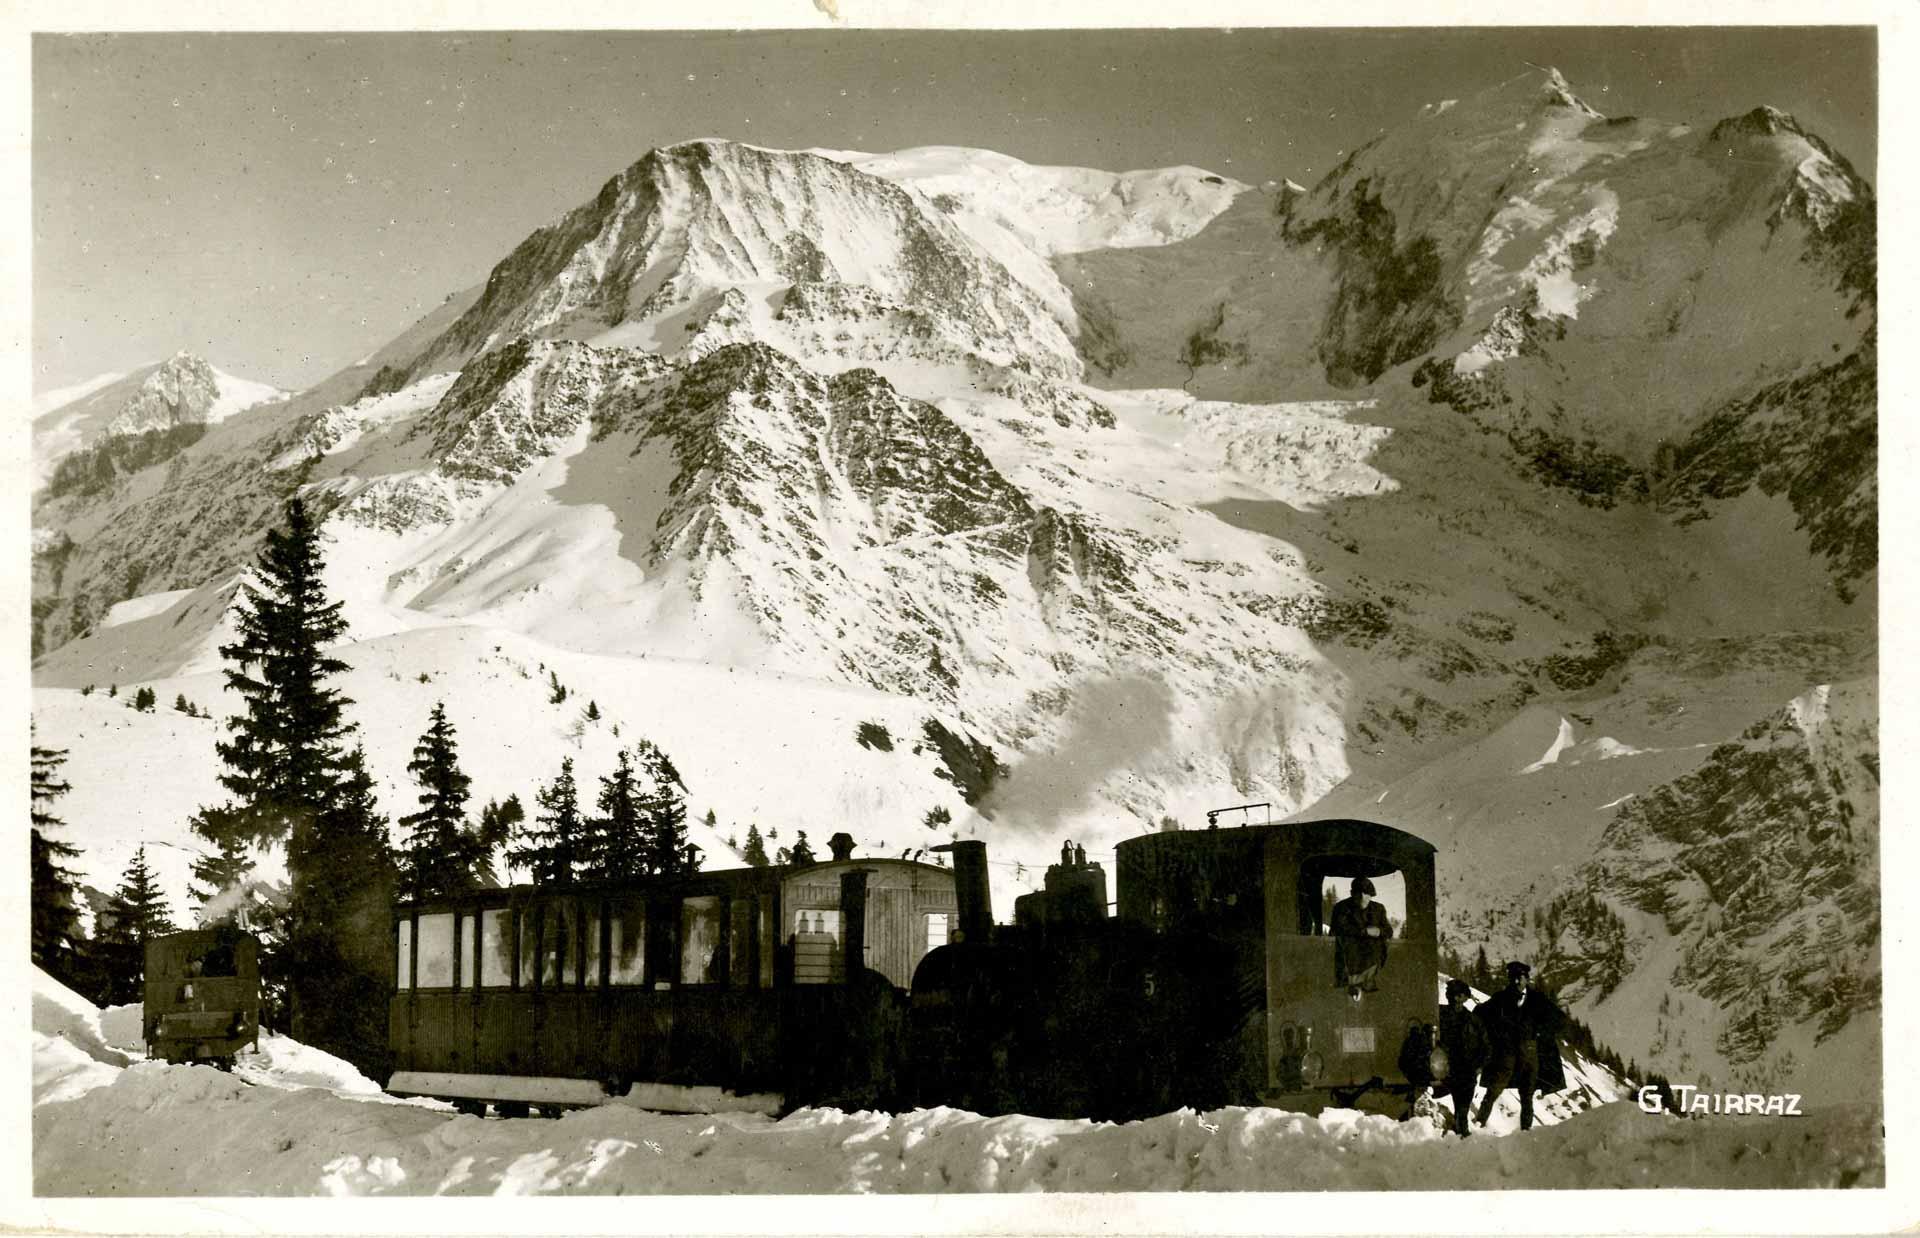 Le chemin de fer du Col de Voza (1700 m.), chargé de skieurs et de touristes ©Fonds Jean-Paul Gay / coll. Mairie St Gervais